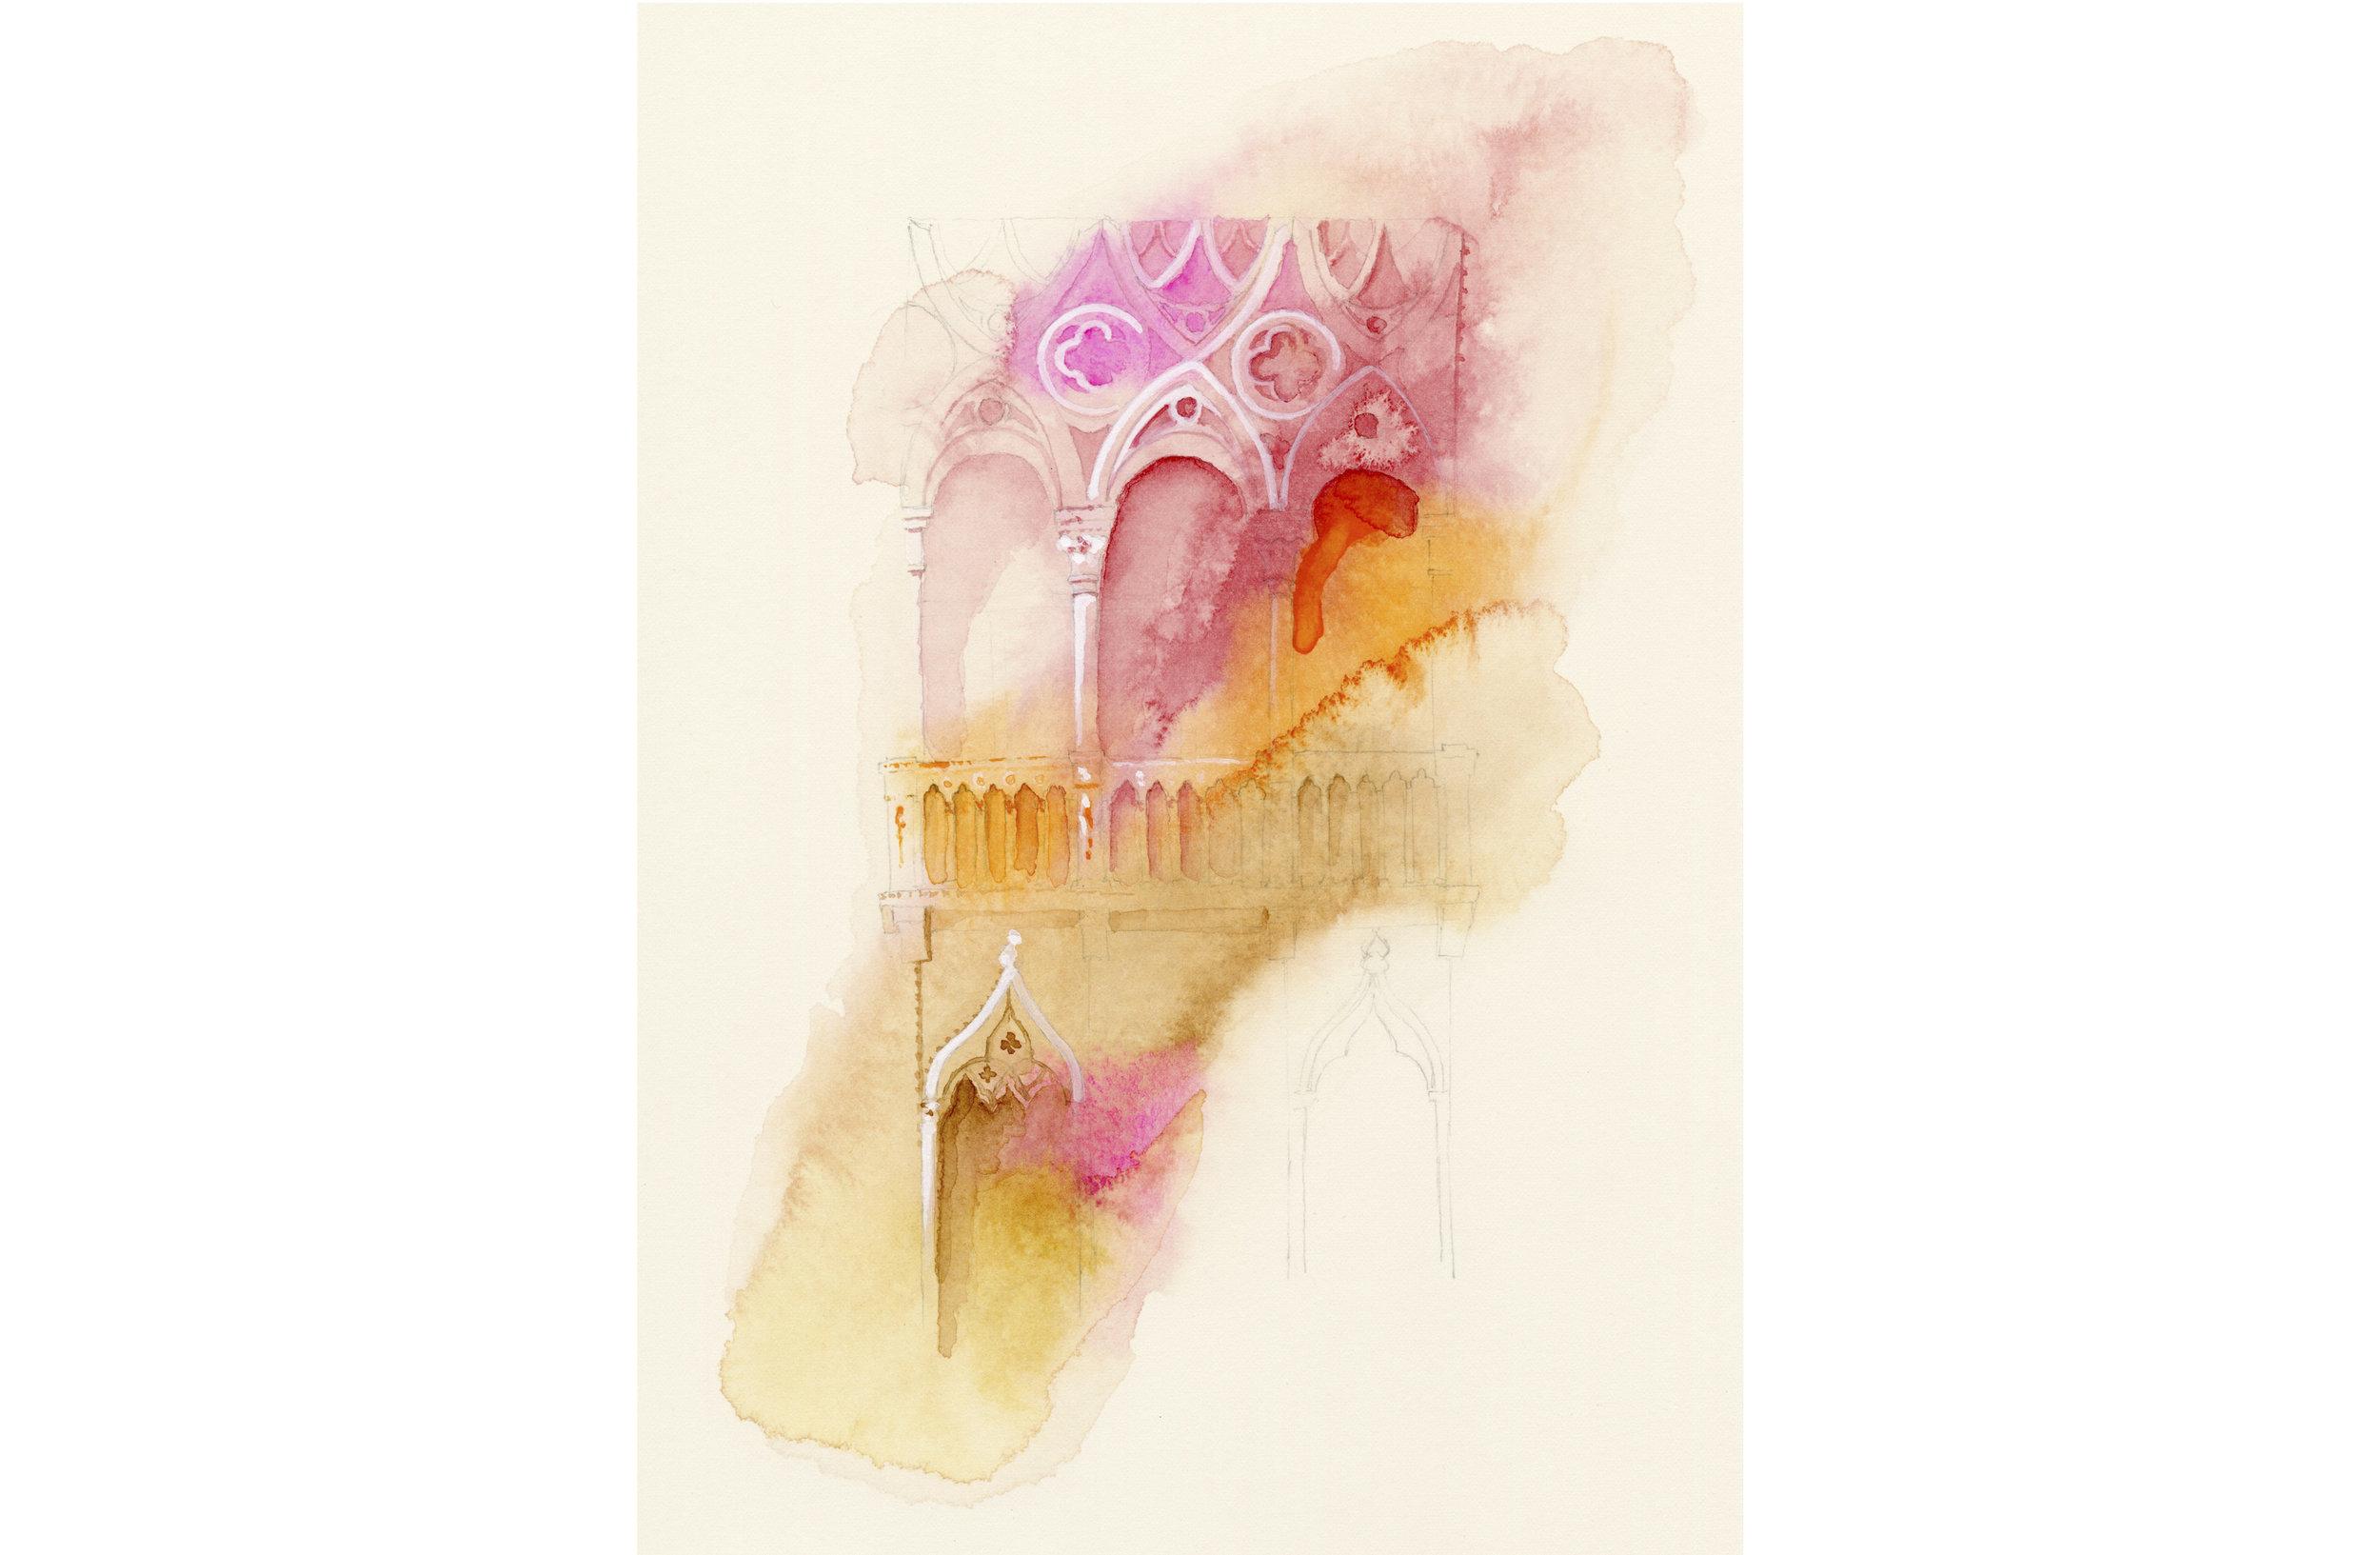 poetry_of_Venice_watercolor_sophia_khan.jpg